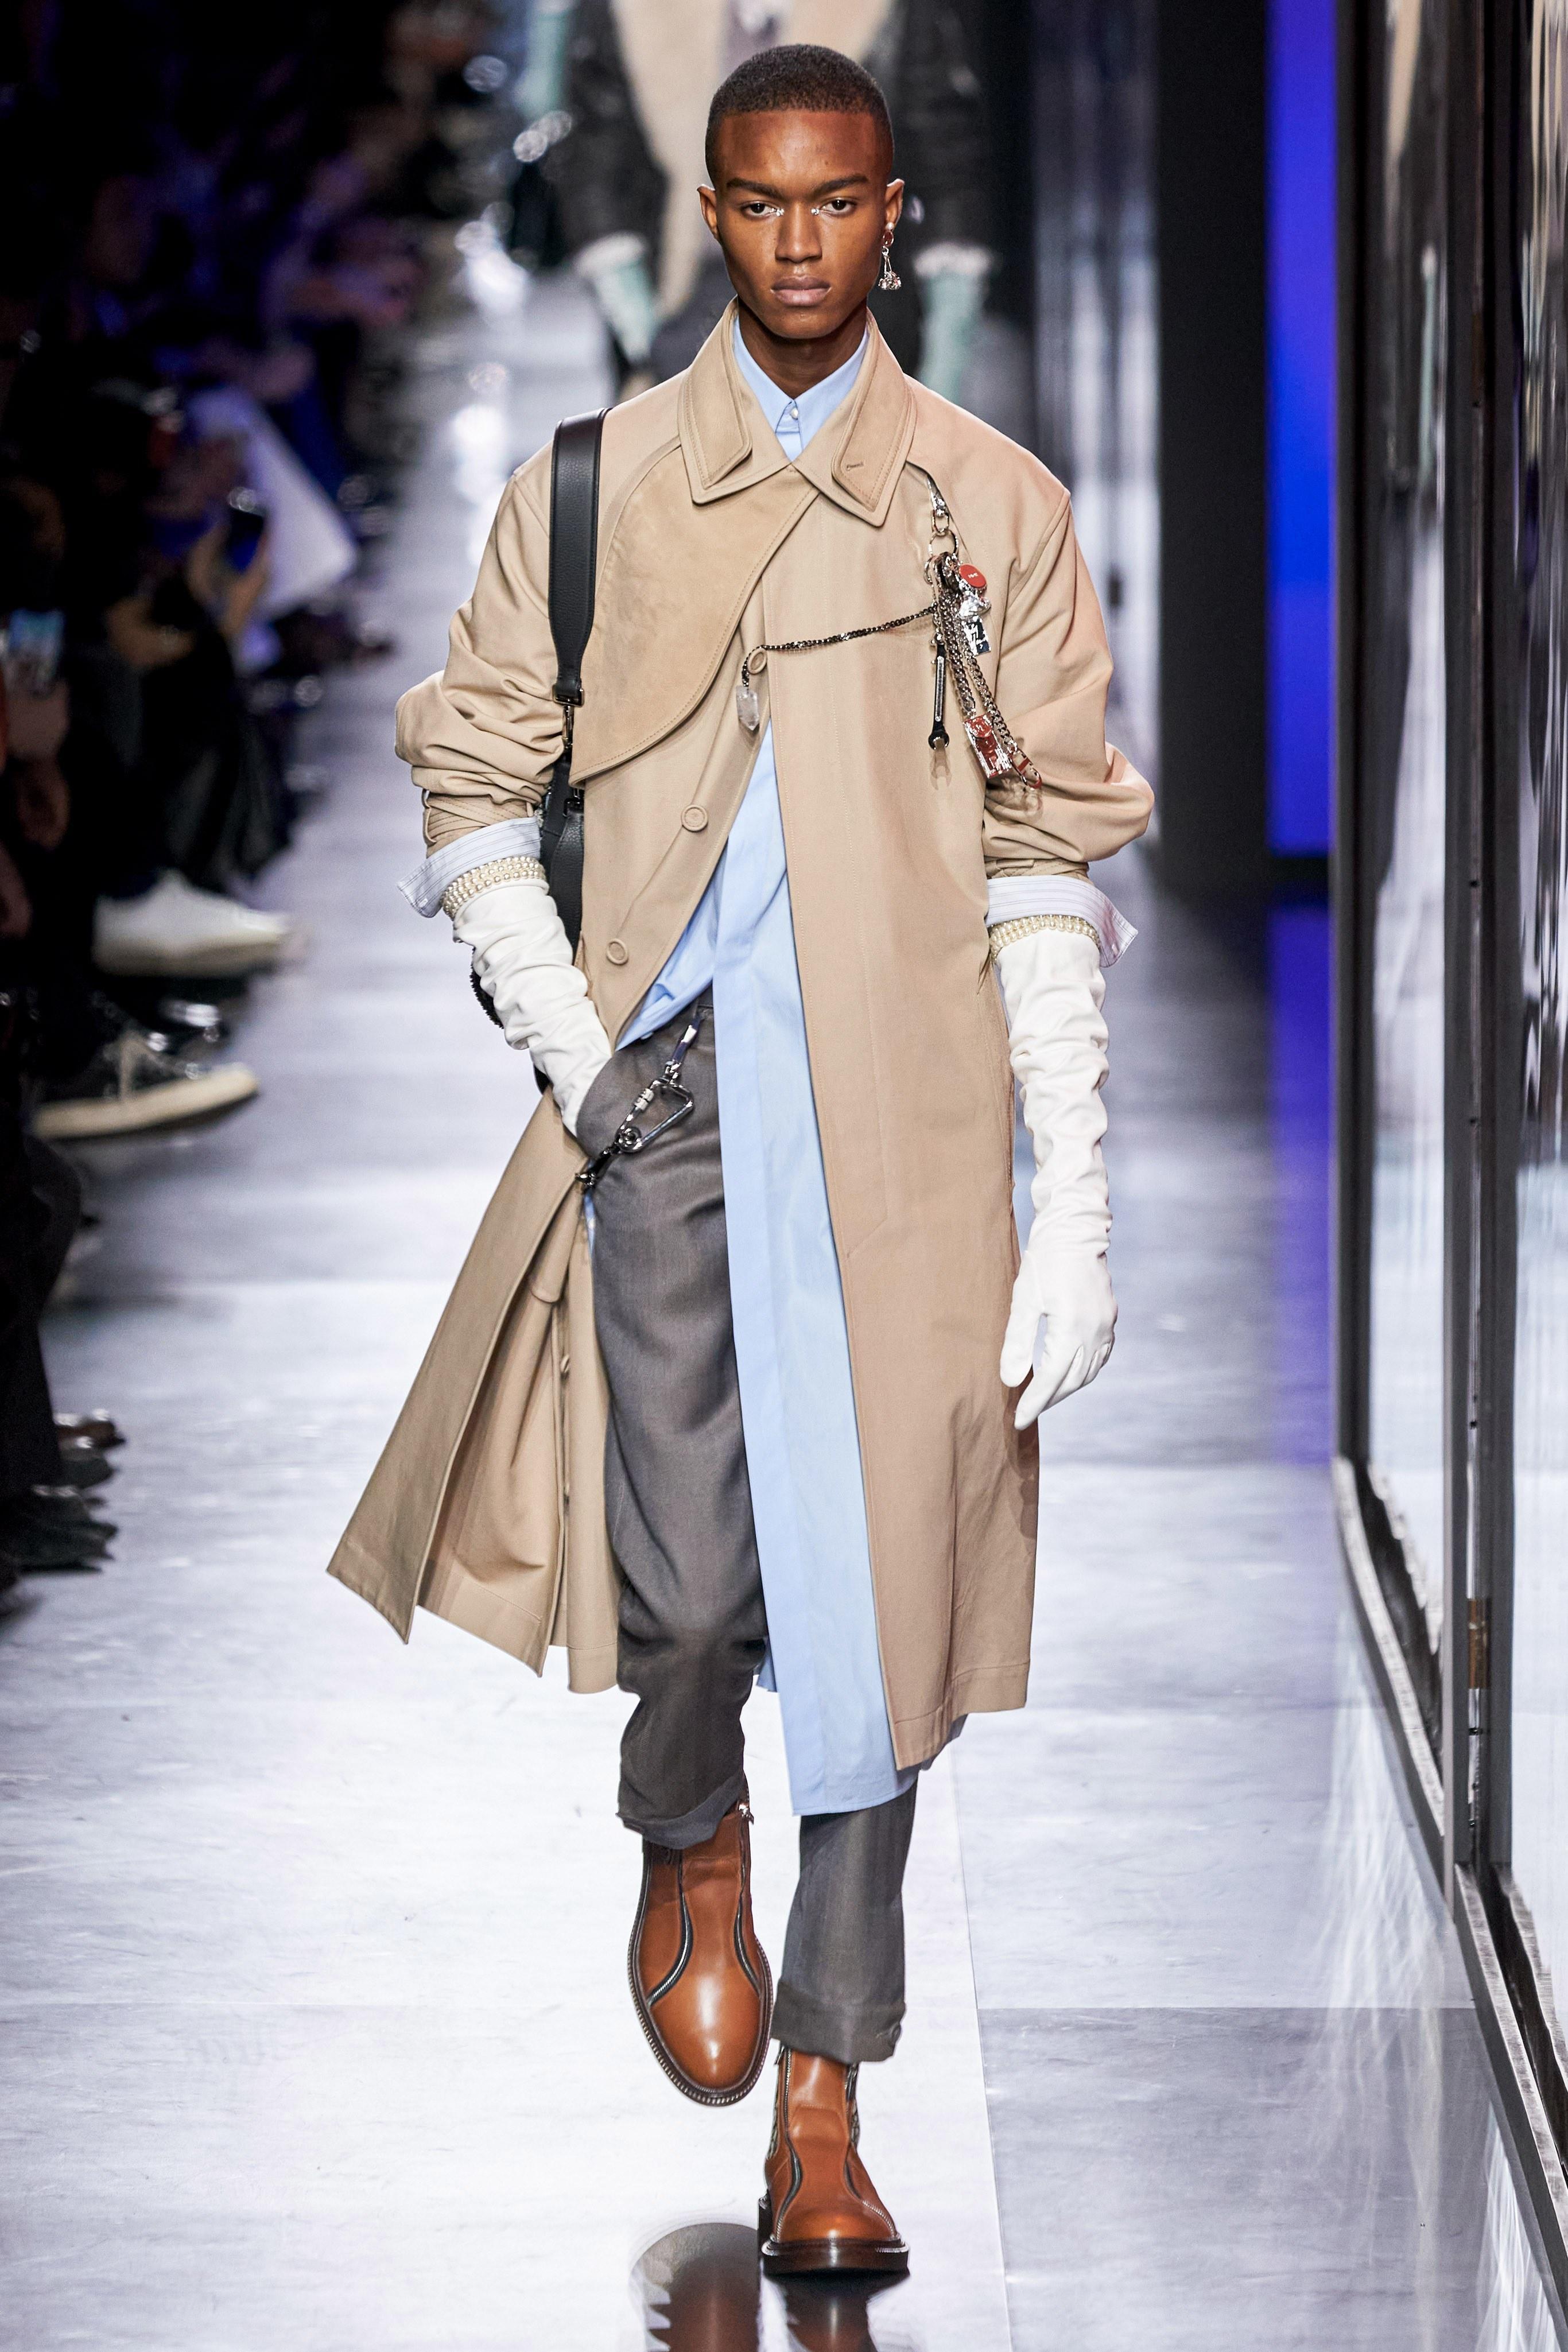 Áo khoác hoa, găng tay dài - Dior nâng thời trang nam lên tầm cao mới Ảnh 14